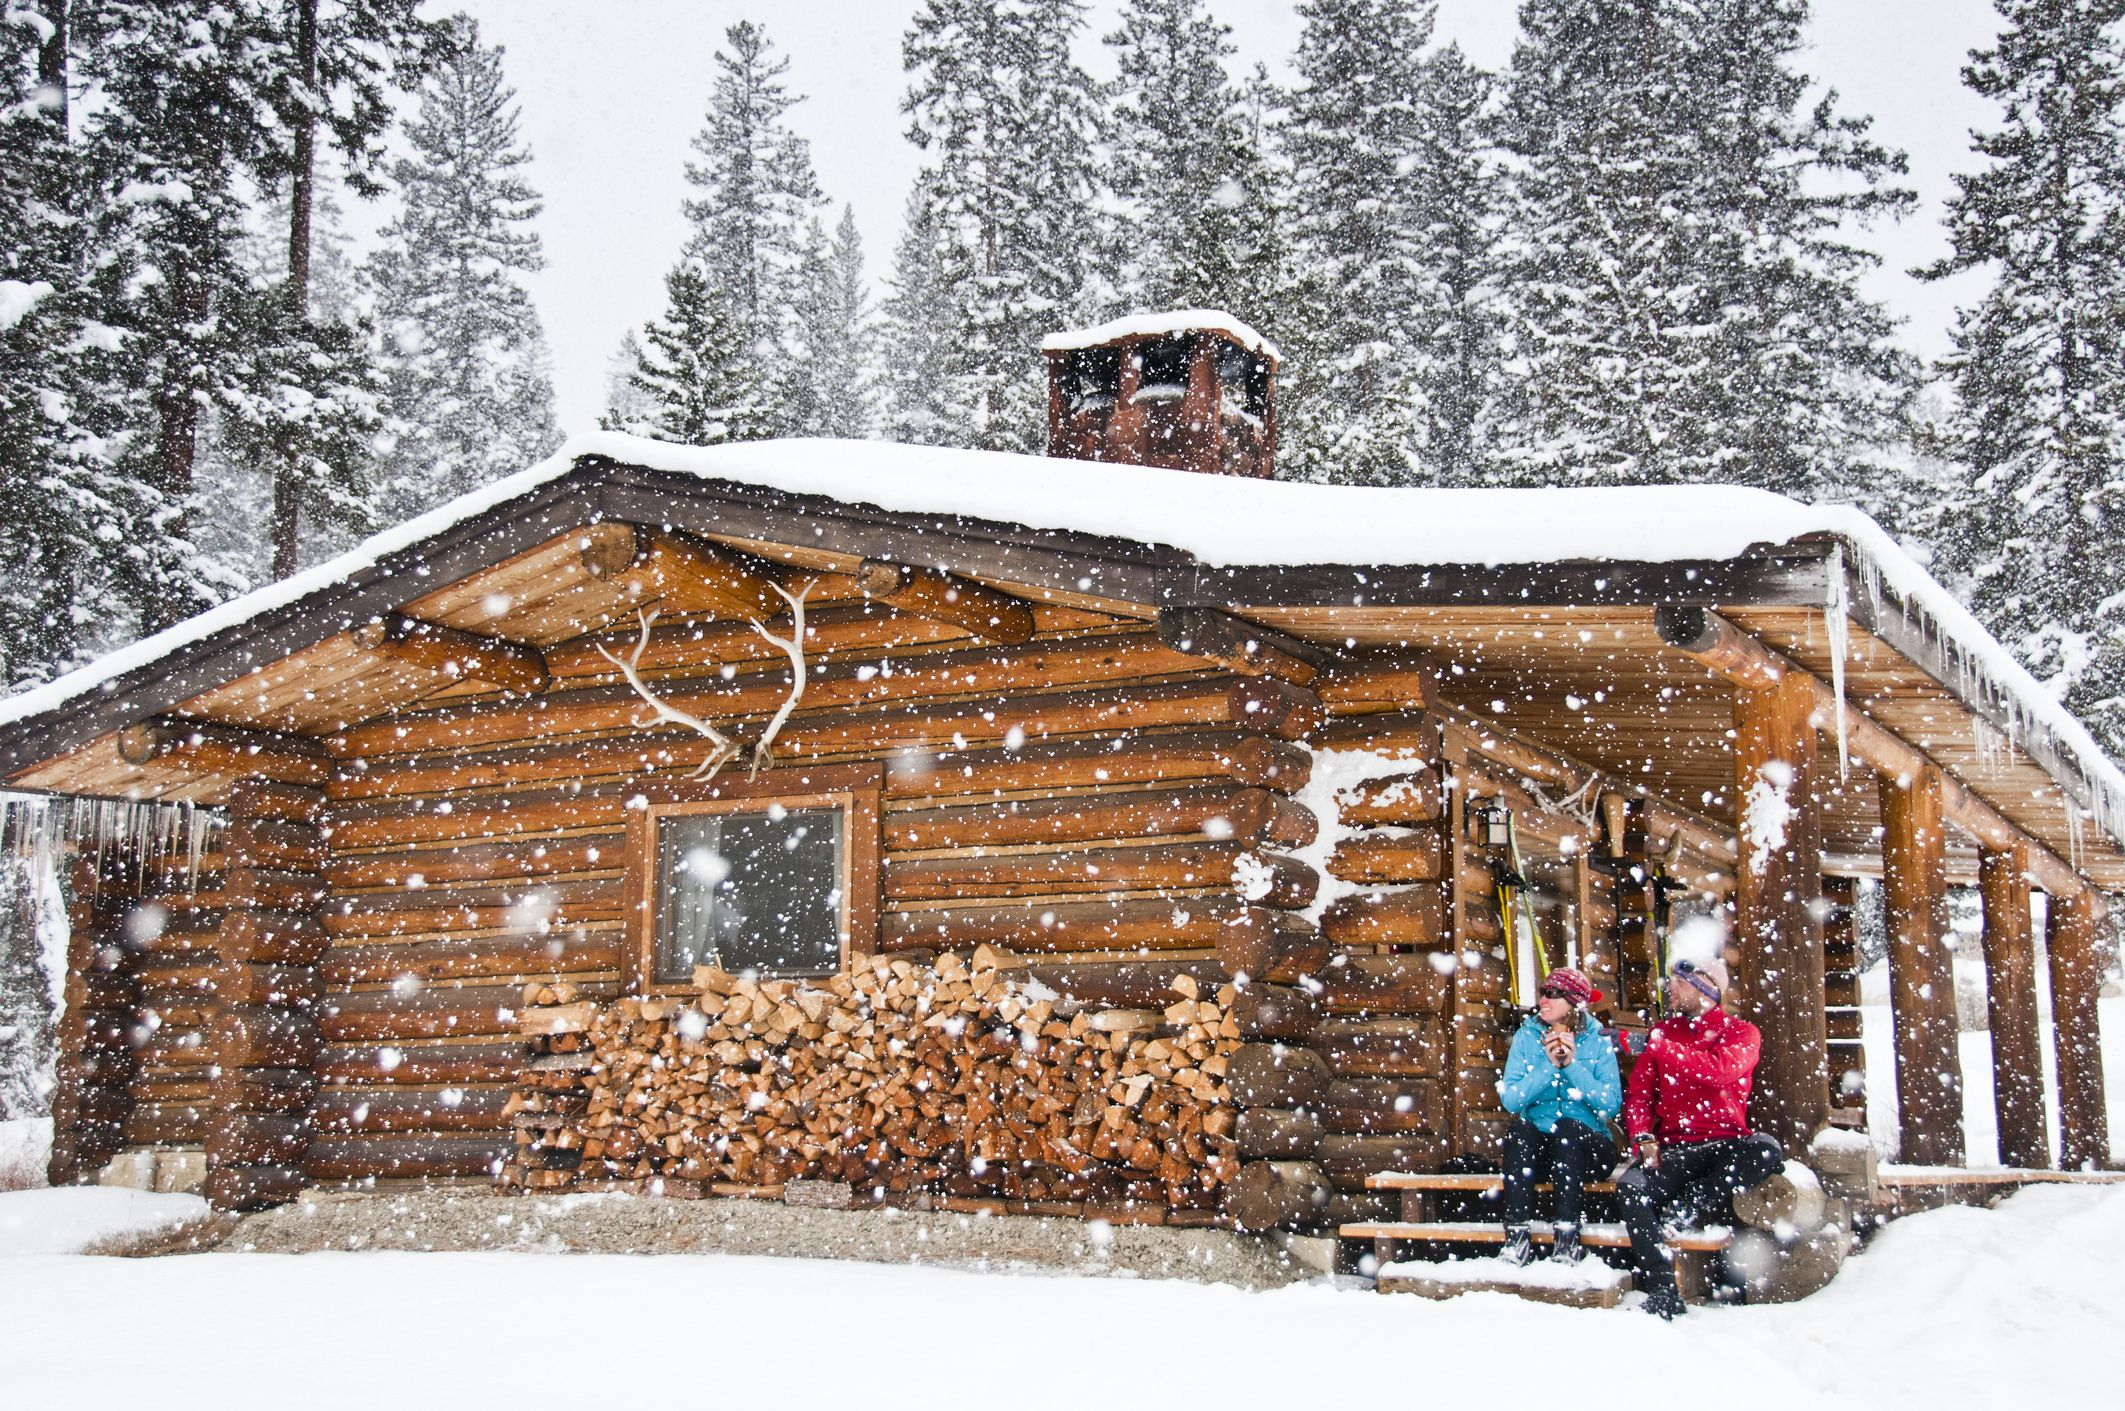 ски бягащи на дървена кабина в падащ сняг